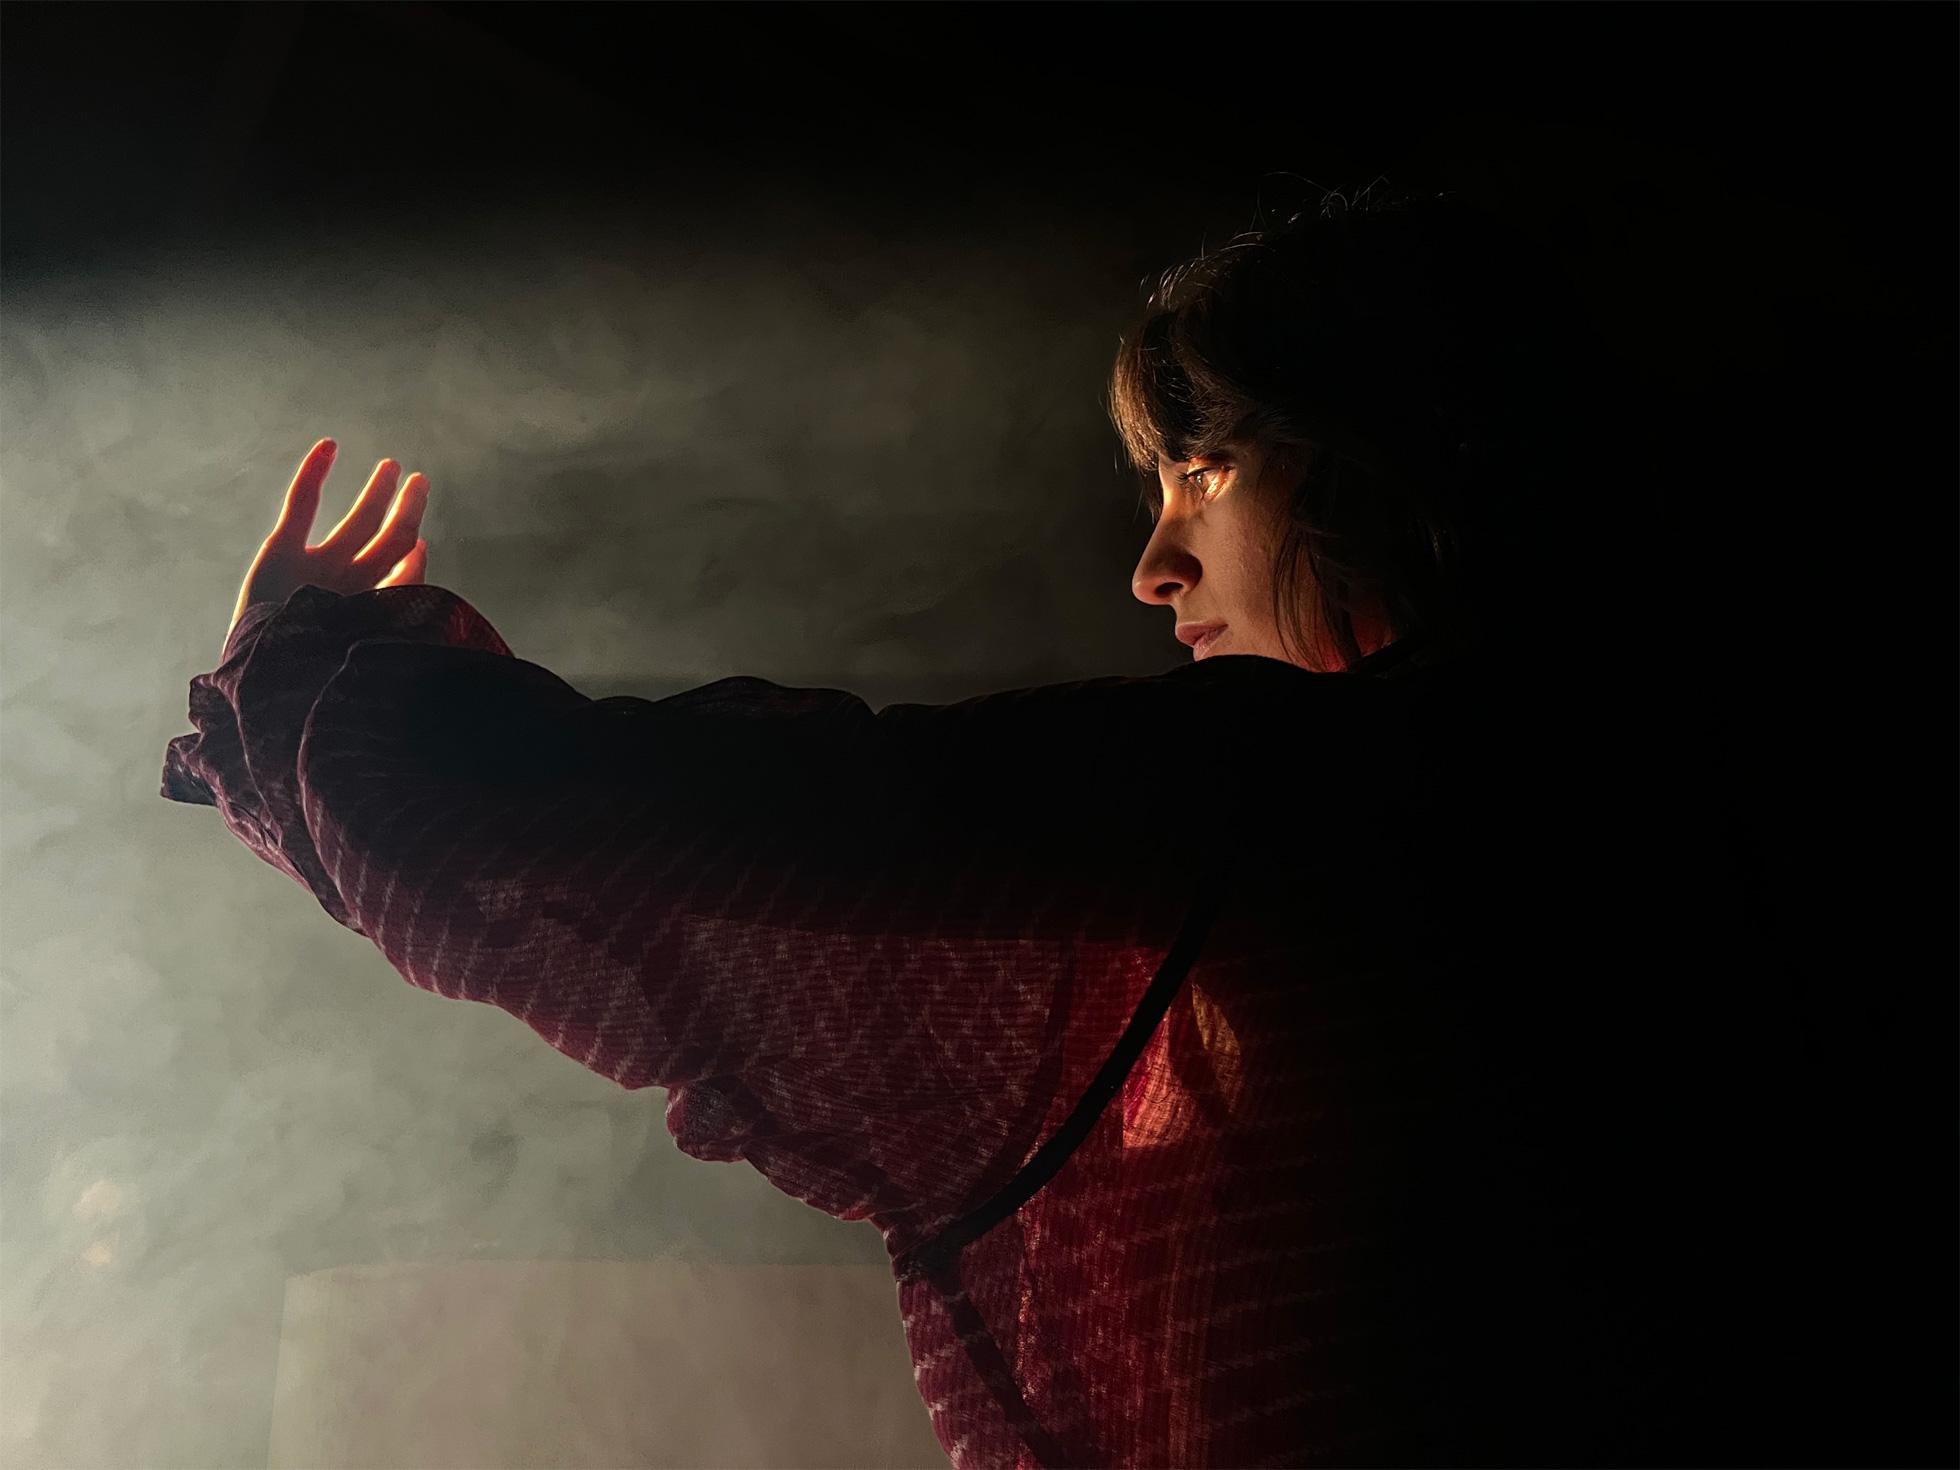 Пример снимка при плохом освещении. Фото – Apple